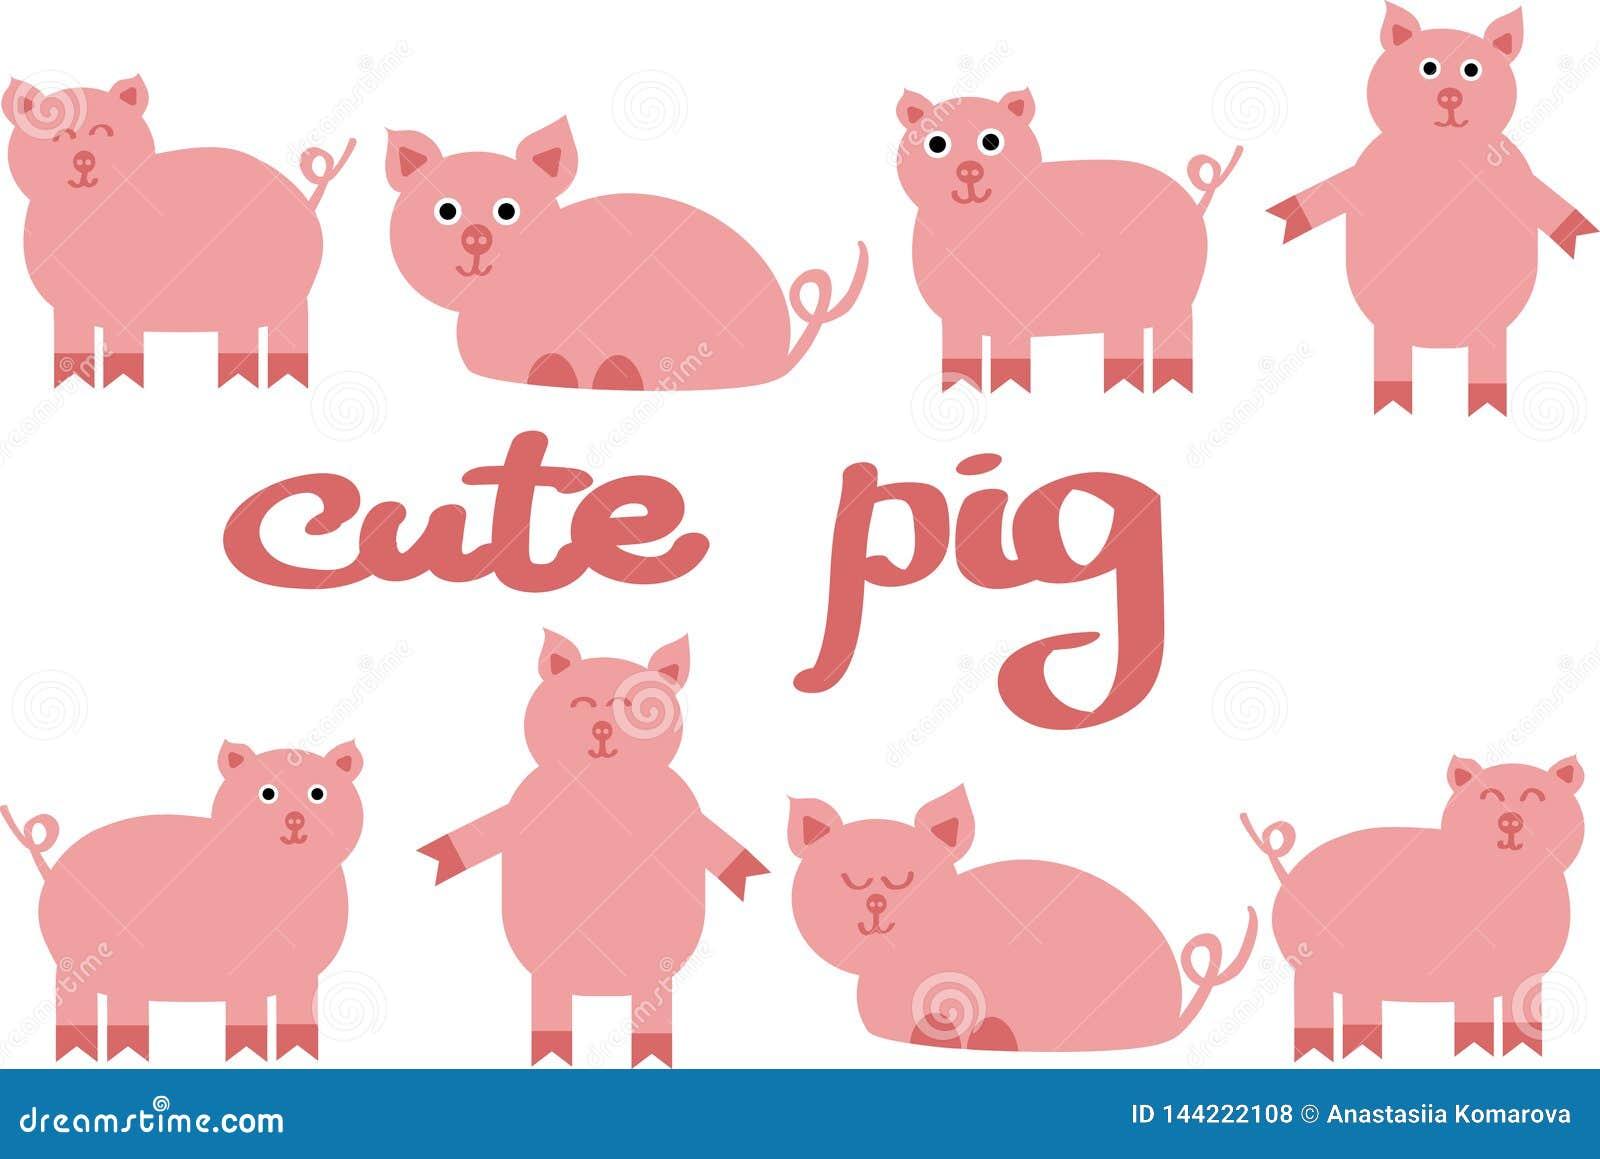 Милая иллюстрация вектора свиньи, рисовать животноводческих ферм